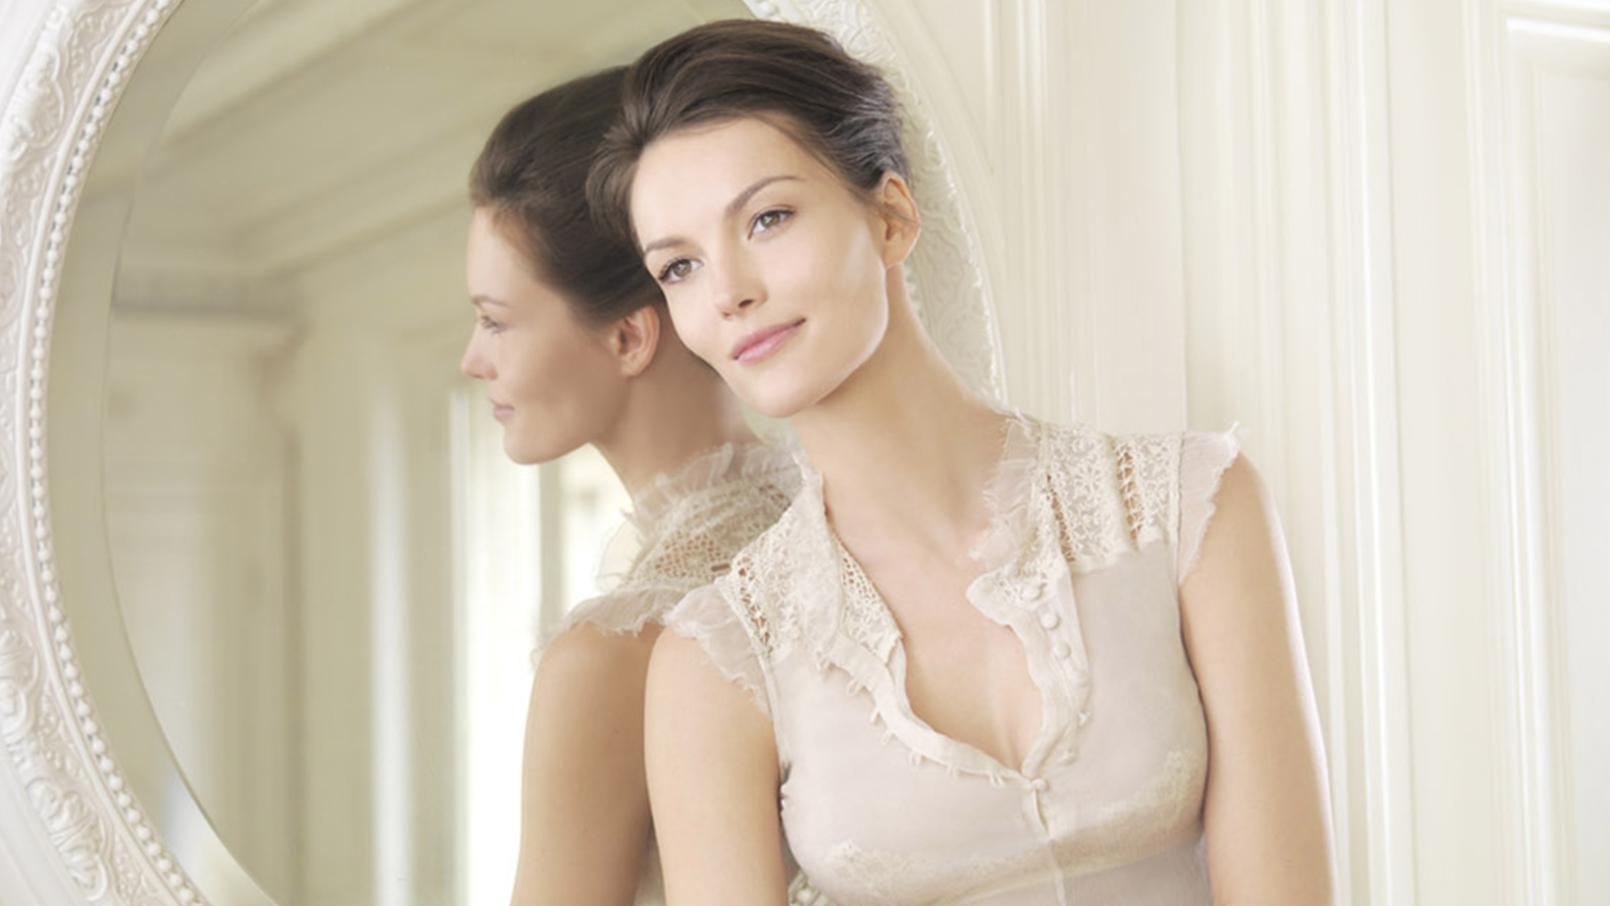 Femme souriante dans appartement haussmannien adossée à un miroir